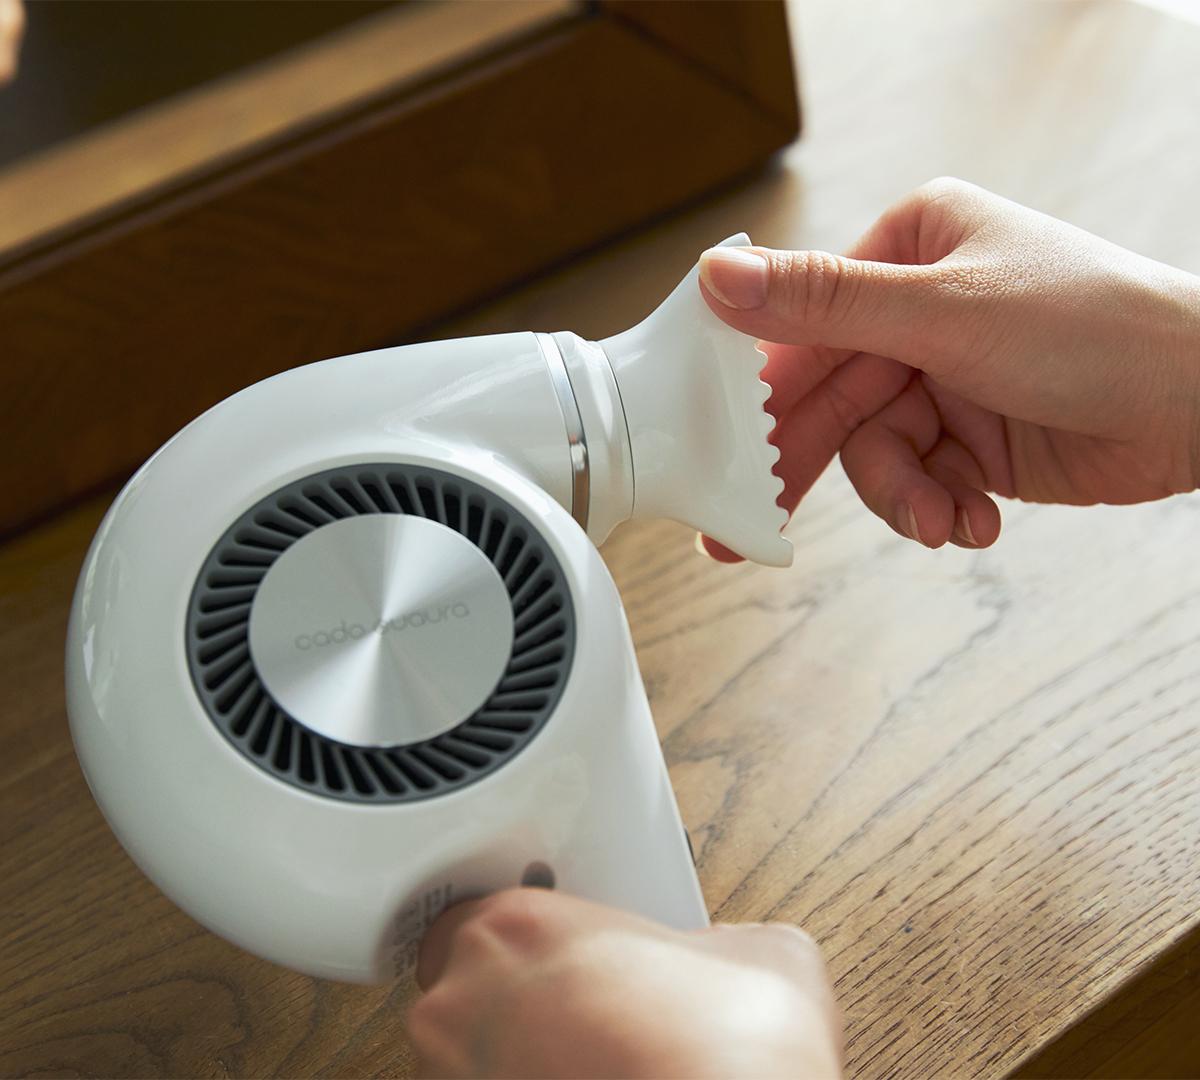 ノズルは360℃回転するので、風を当てたい向きへ自在に傾けることができます。手と空間に馴染む、85℃のちょうどいい風をつくる「ヘアドライヤー」|cadocuaura(カドークオーラ)|BD-E2